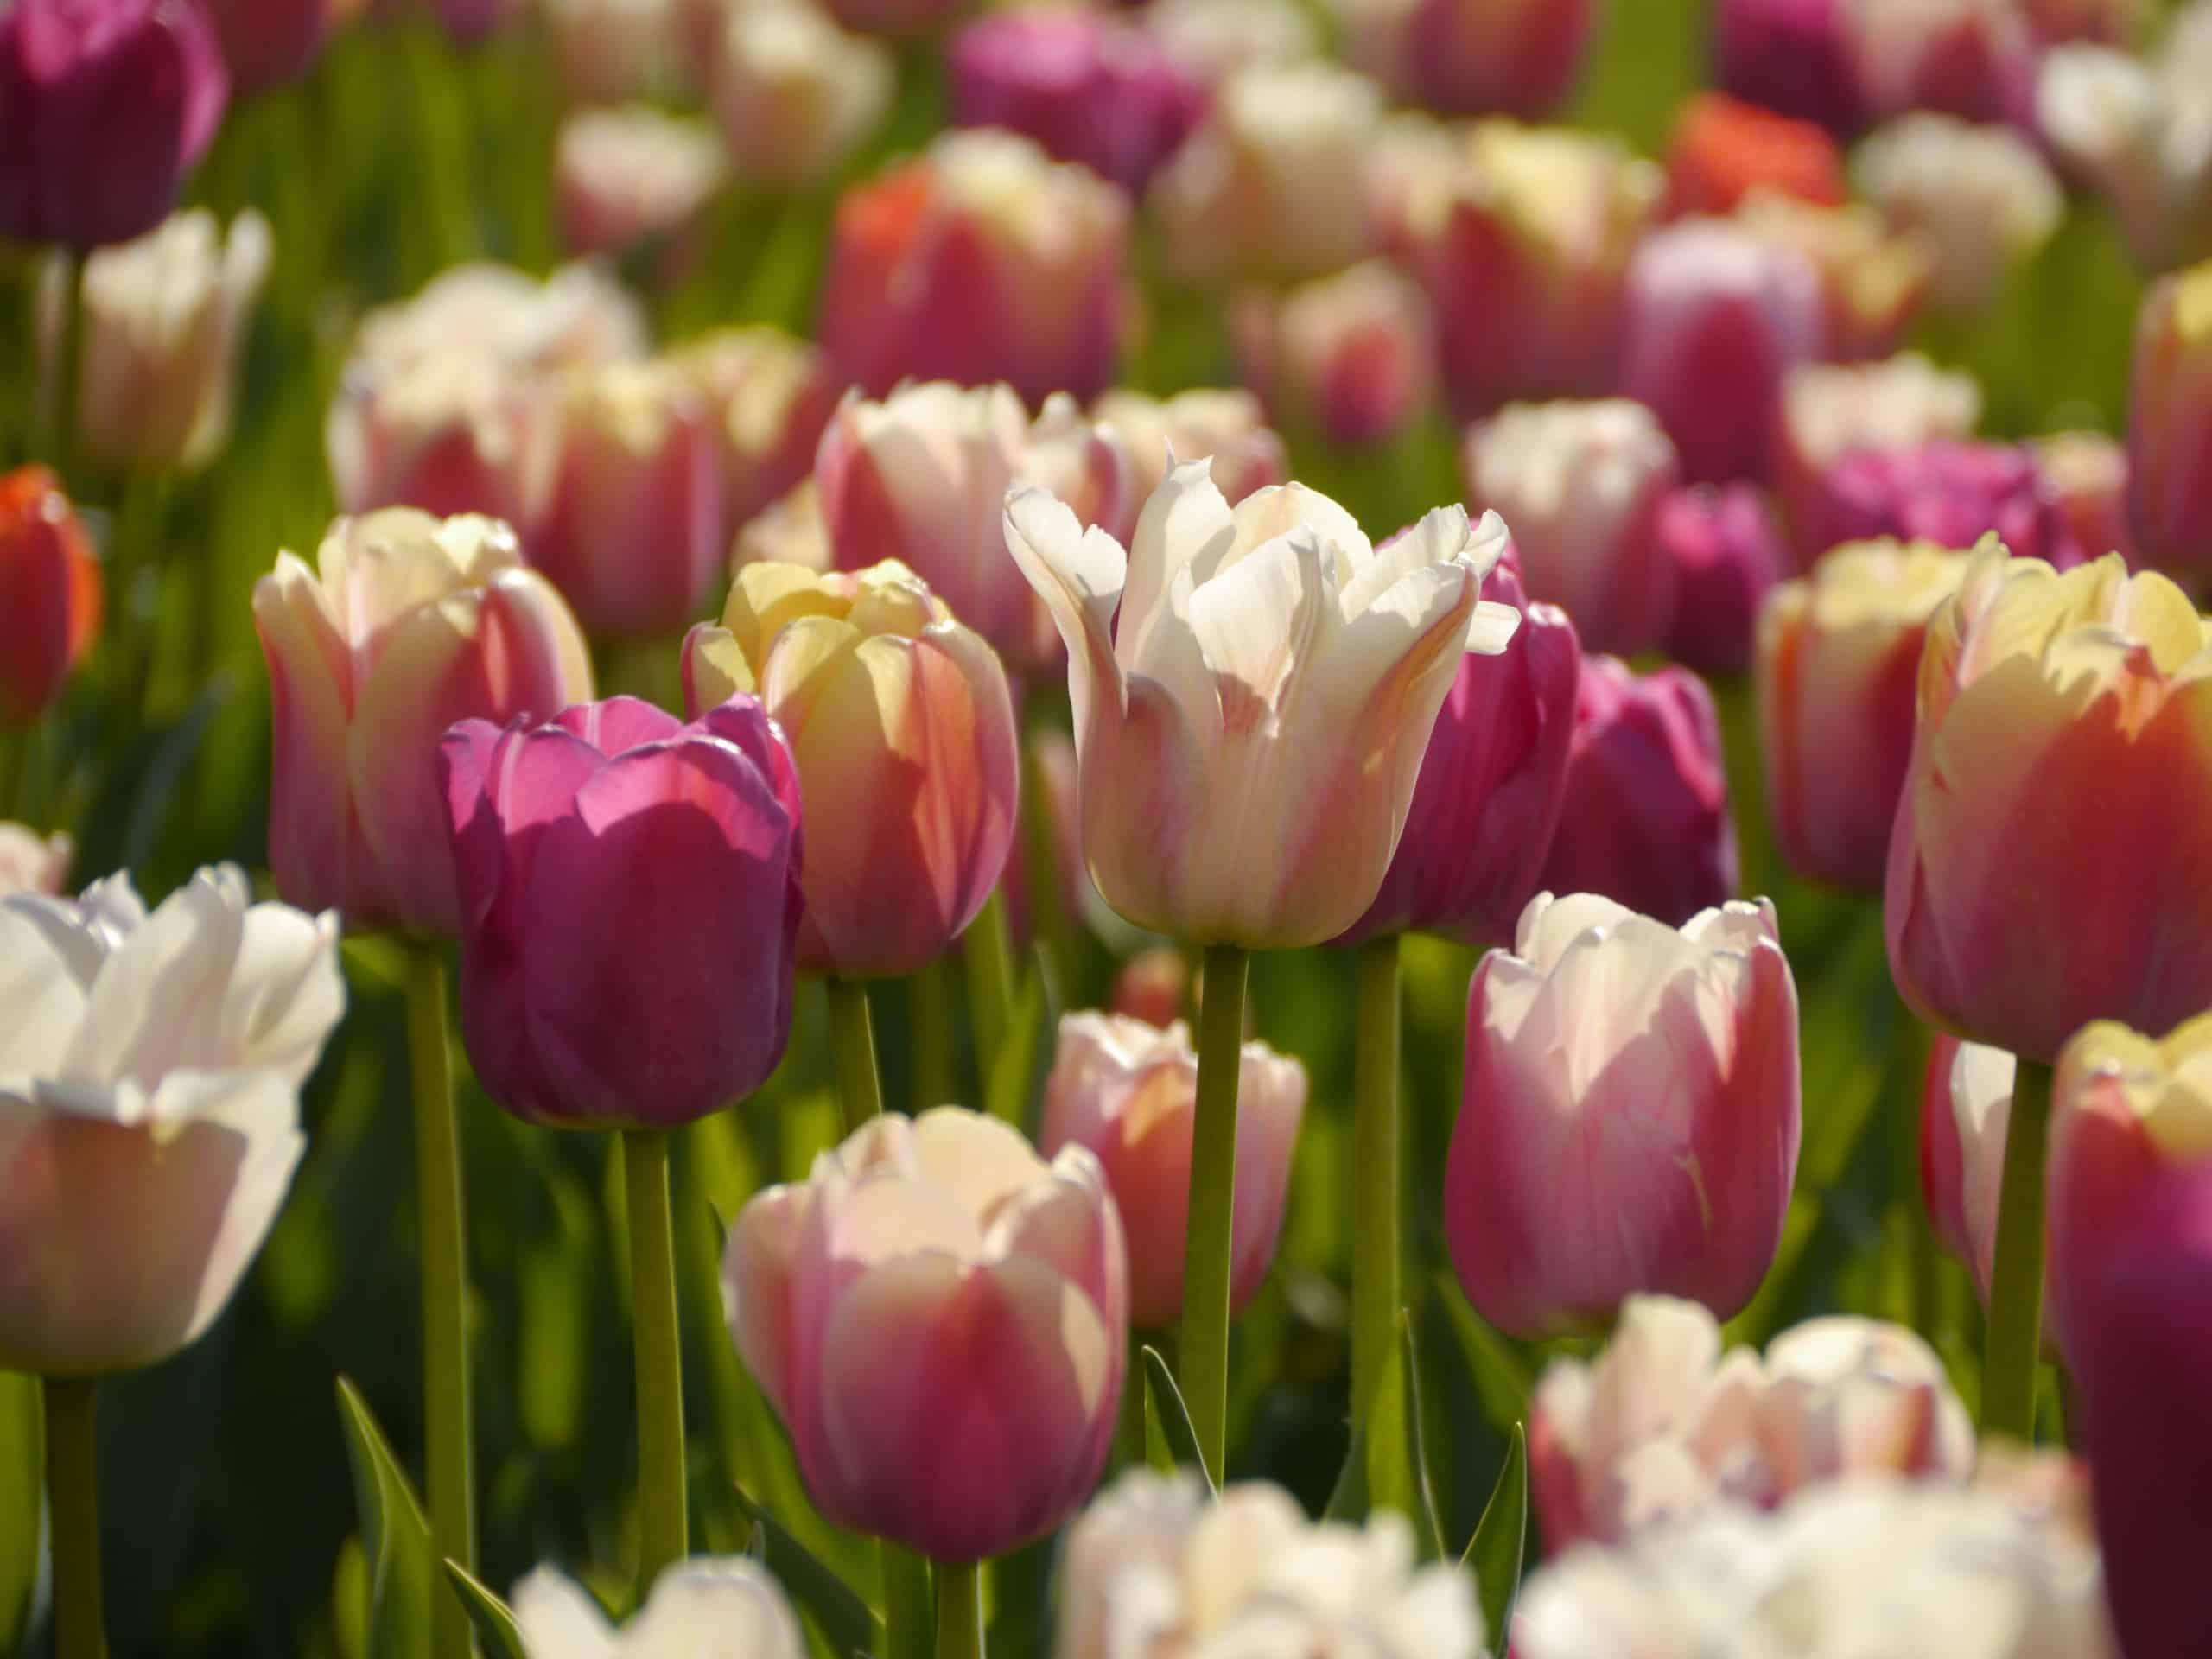 Die wichtigsten Tipps für schöne Tulpen